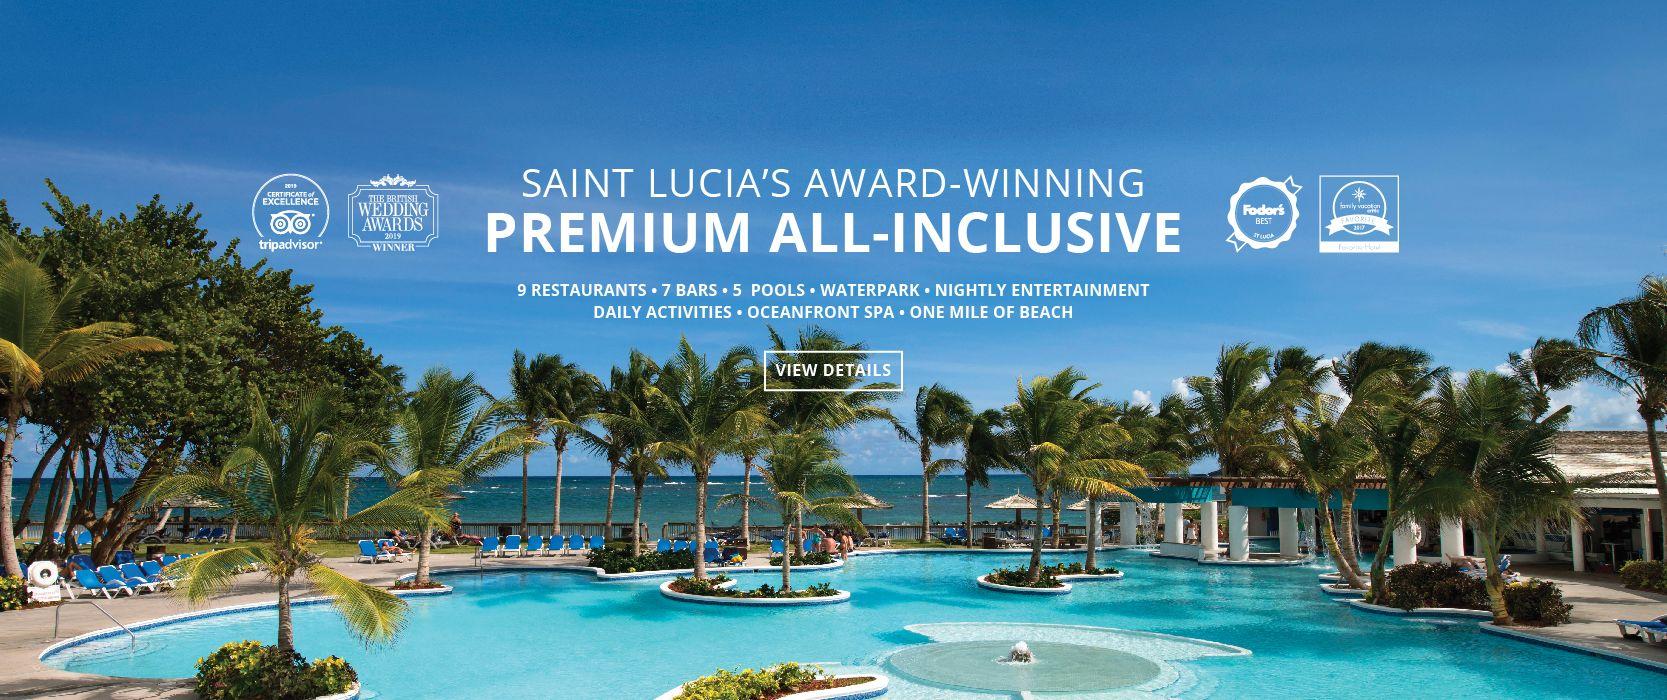 st lucia allinclusive resort  all inclusive resorts